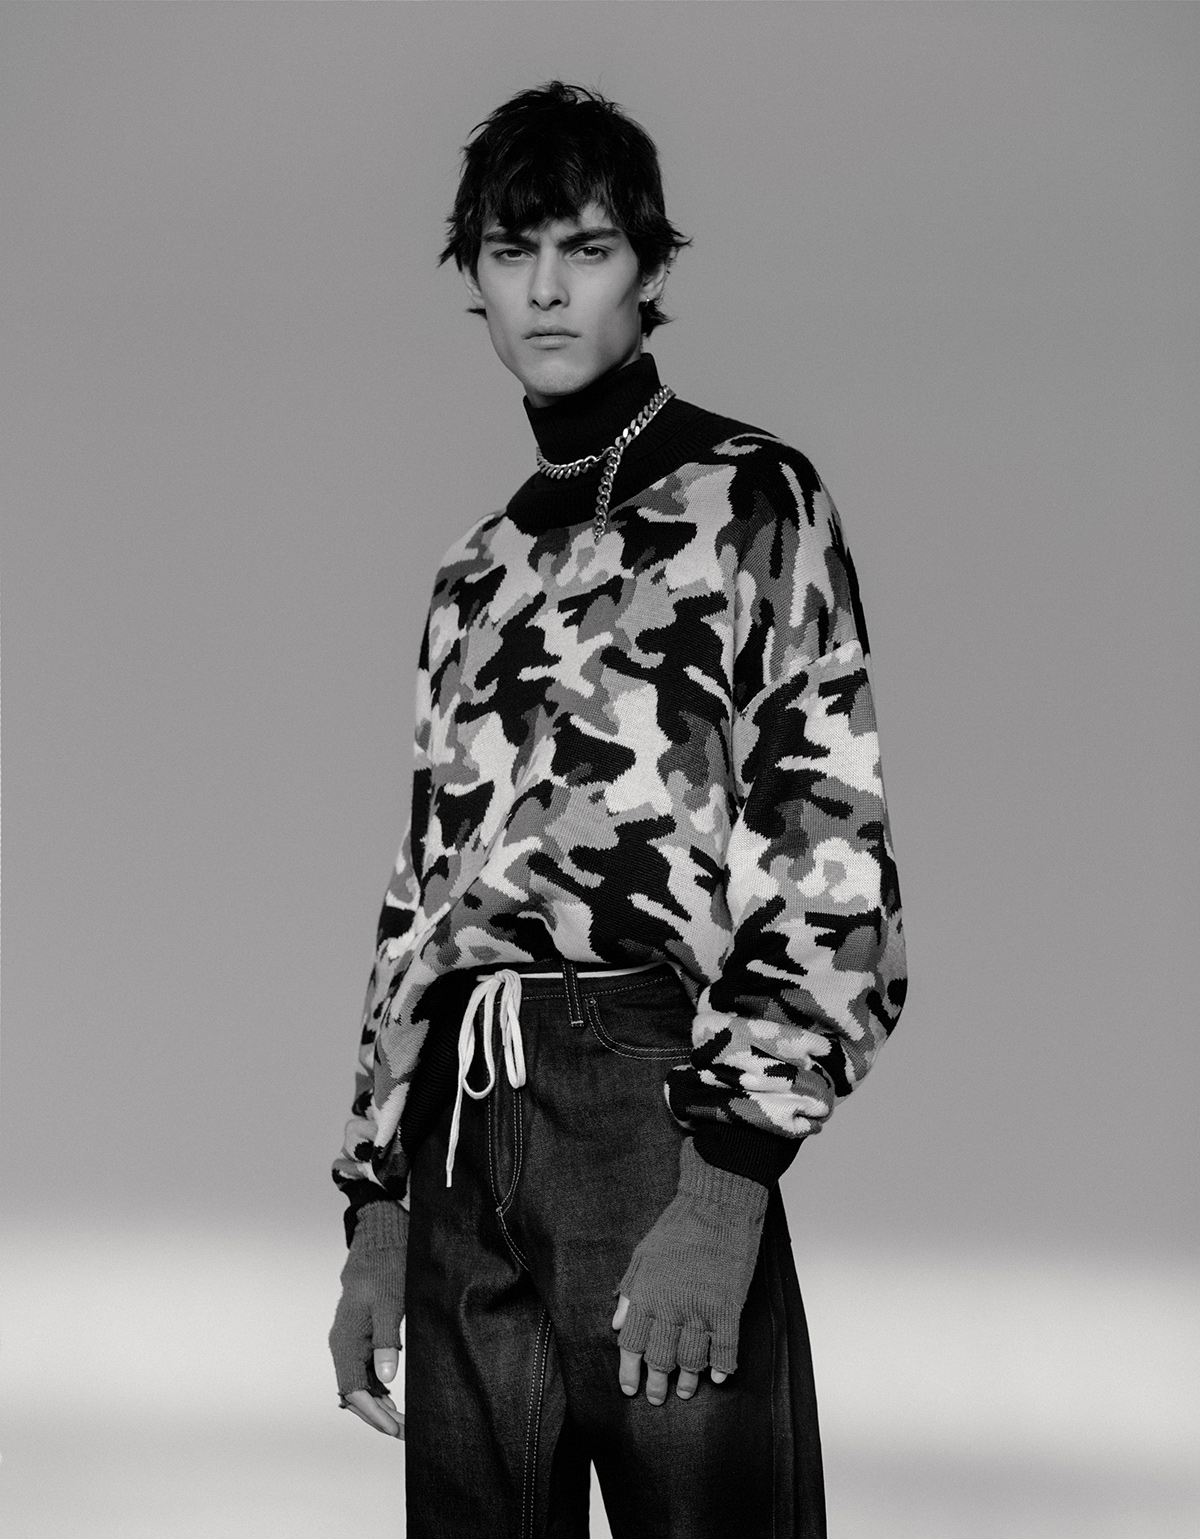 Knitwear Goash Rubchinskiy, jeans Cahartt Wip.